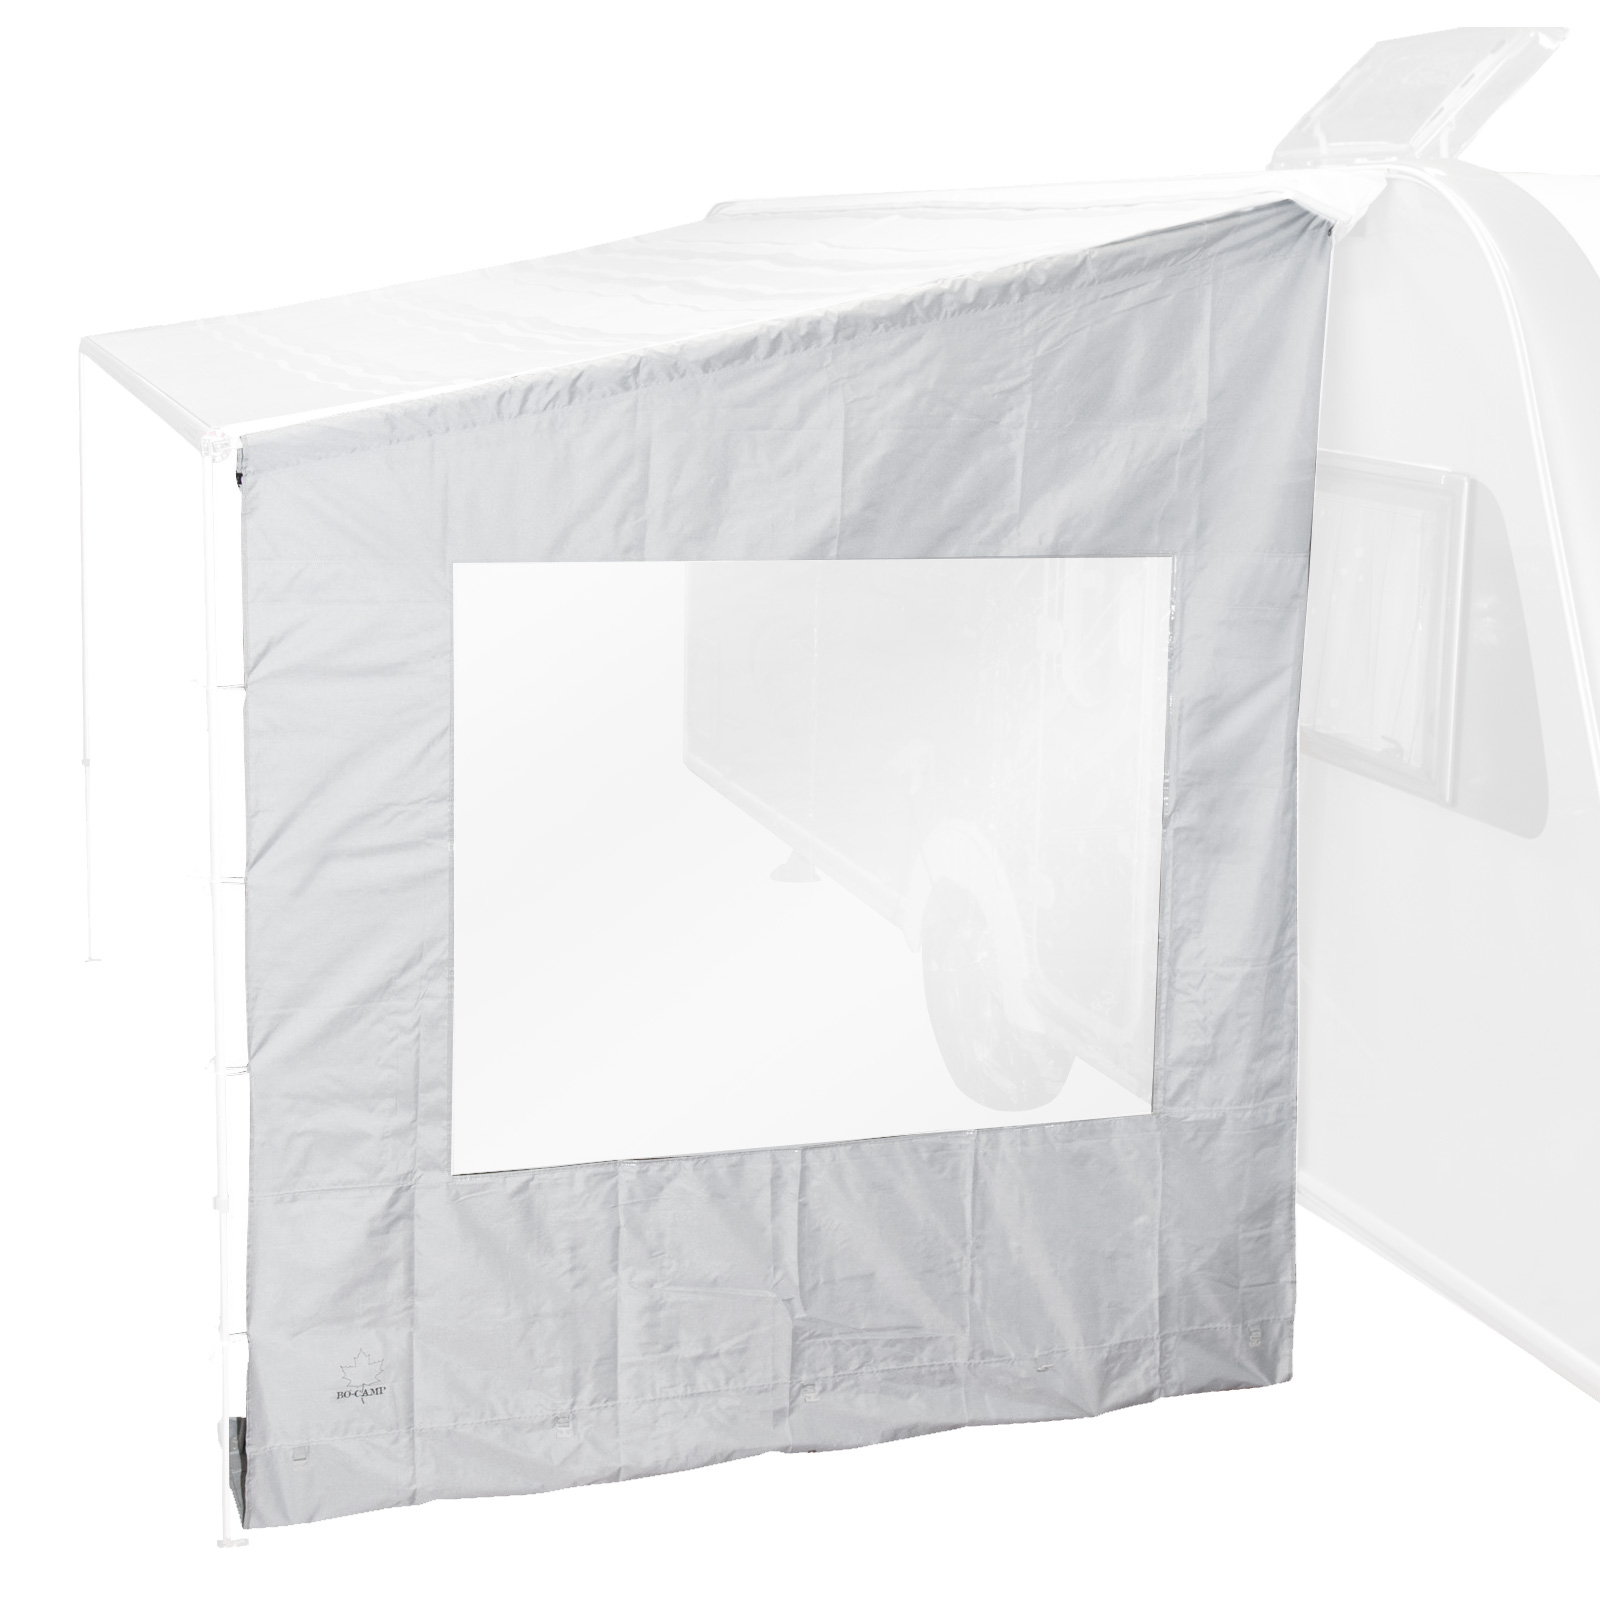 Universal-Seitenwand mit Fenster für Markise, grau, 225x213x290 cm